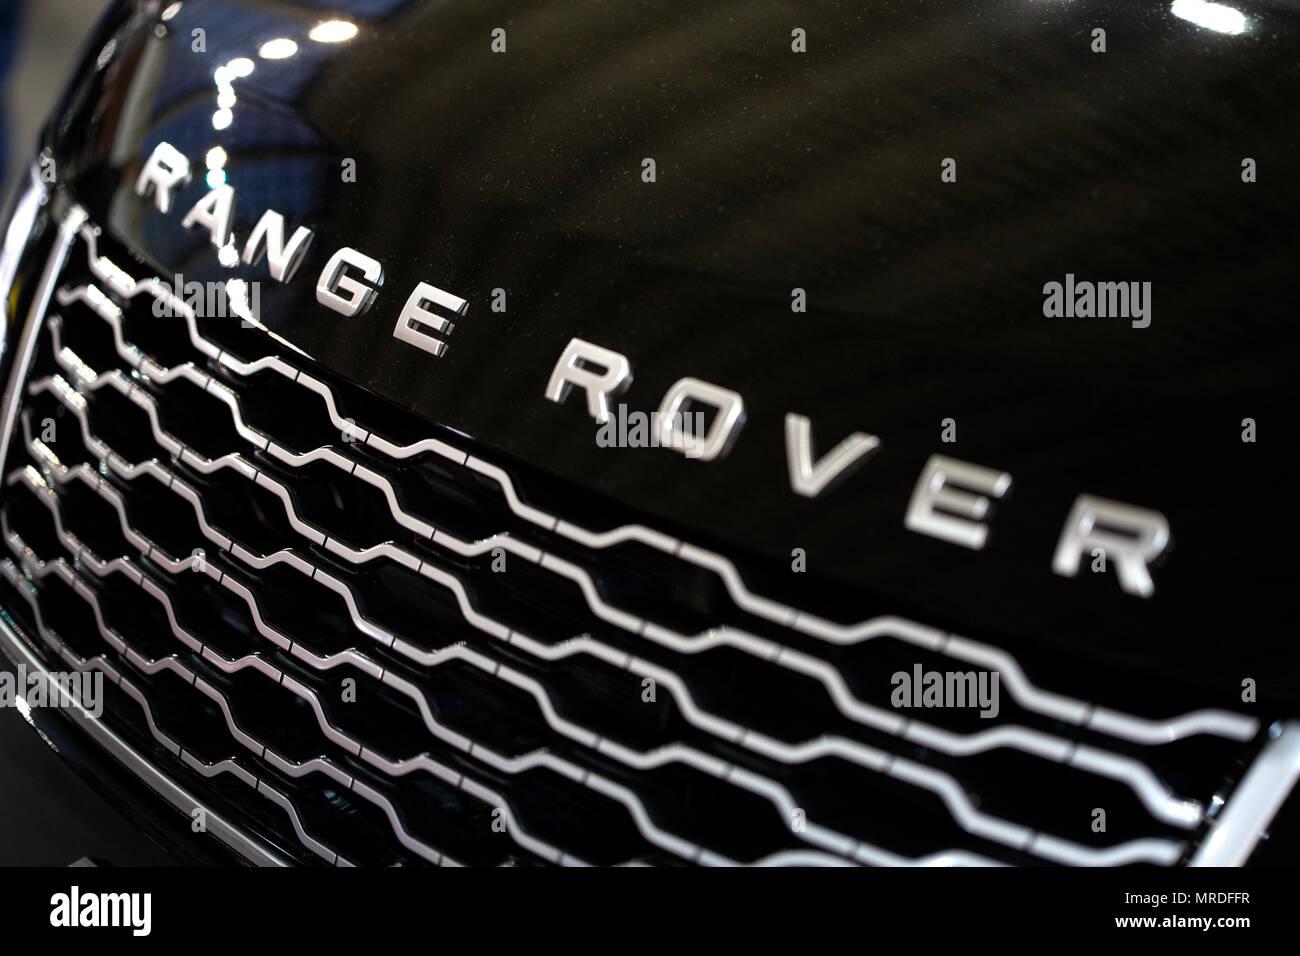 Range Rover logo on a car - Stock Image